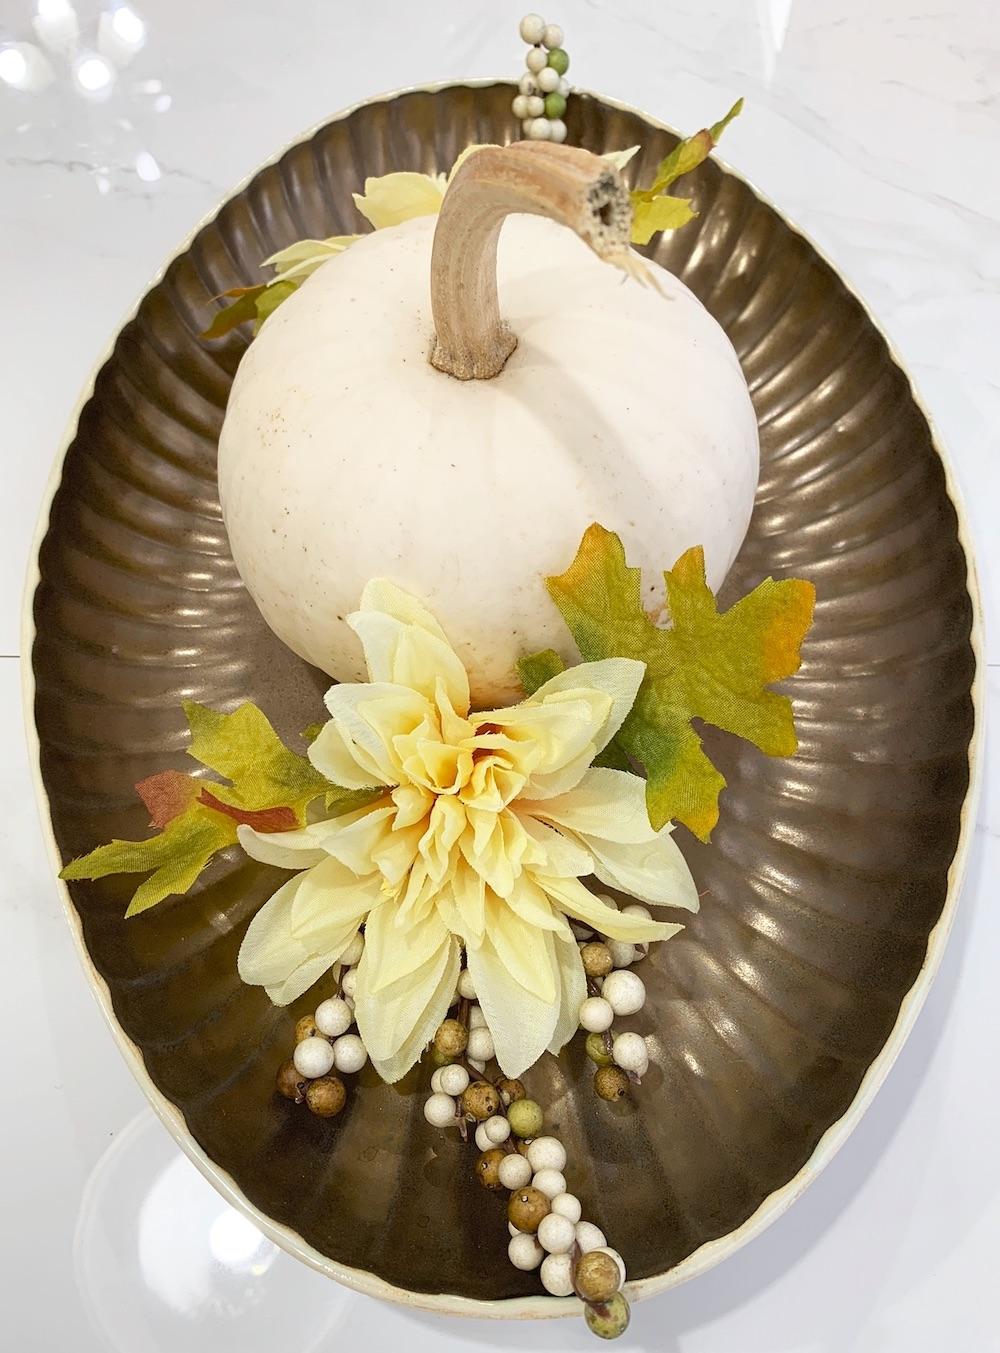 Autumn Dinner Table Ideas Casper Pumpkin with Chrysanthemum Centerpiece #DIY #DIYDecor #ThanksgivingCenterpiece #FallCenterpiece #FallDecor #Thanksgiving #ThanksgivingTable #Centerpiece #AutumnCenterpiece